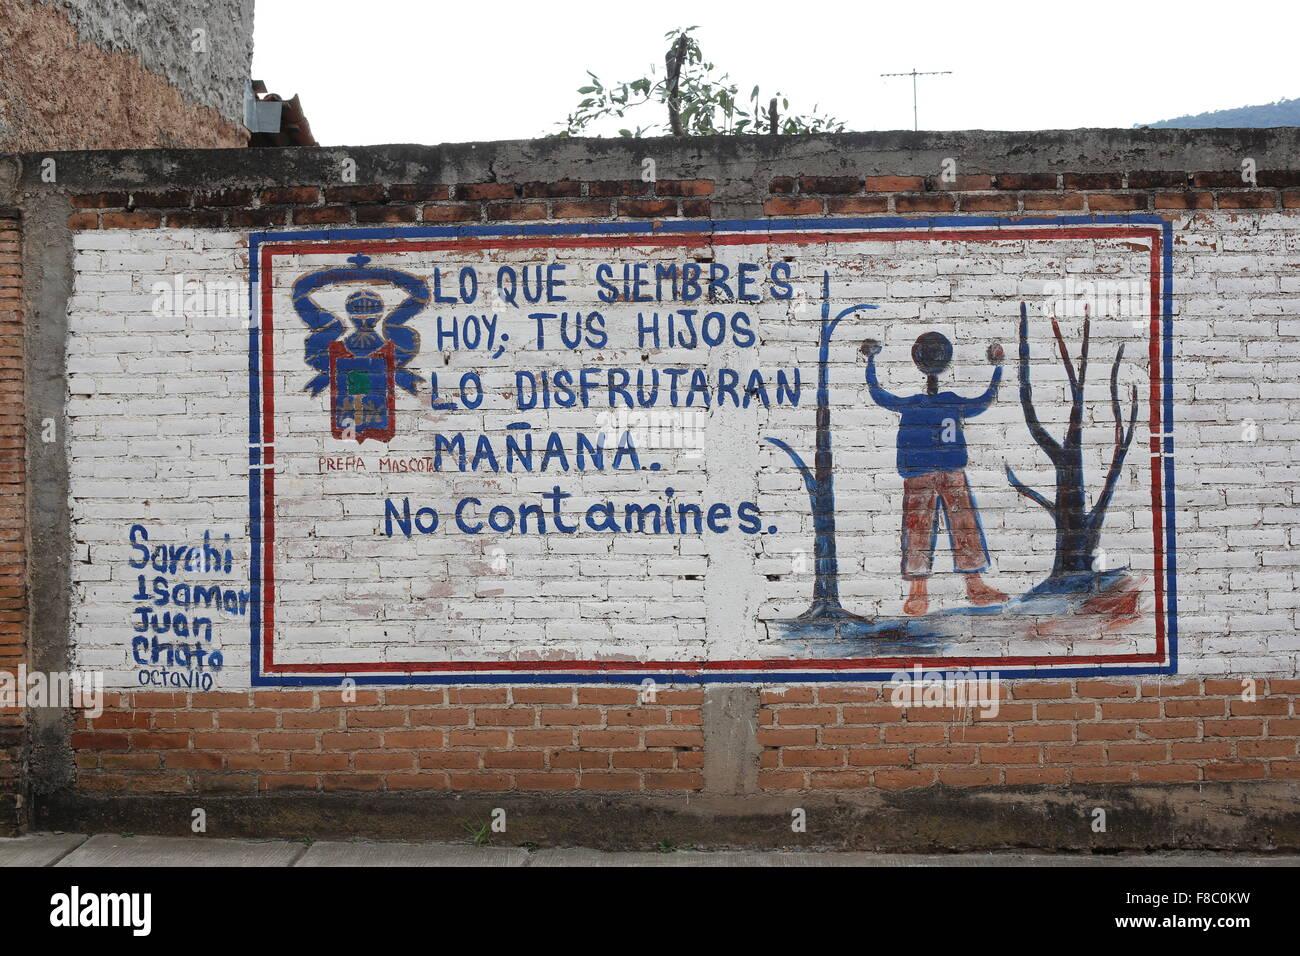 Ein Wandbild in der Stadt von Mascota, Jalisco, Mexiko. Stockbild